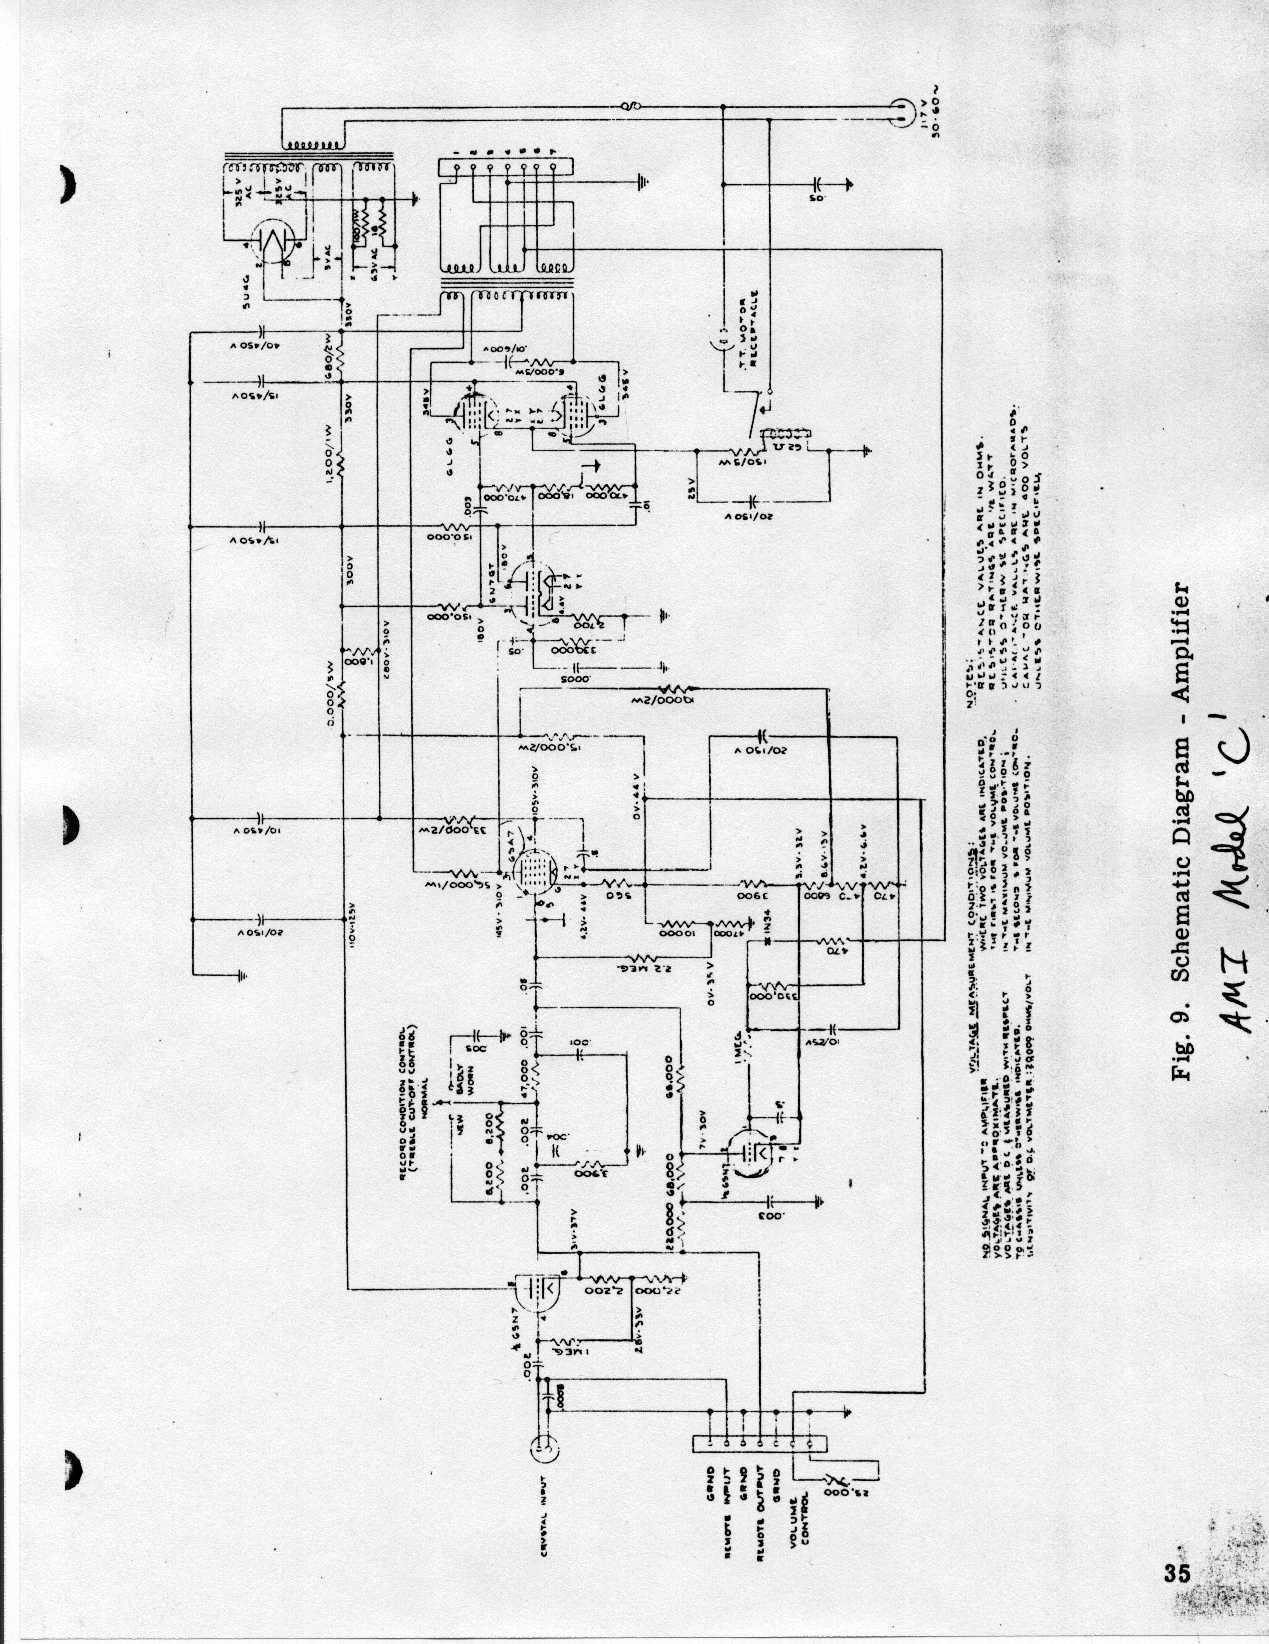 B Tracker Wiring Schematics